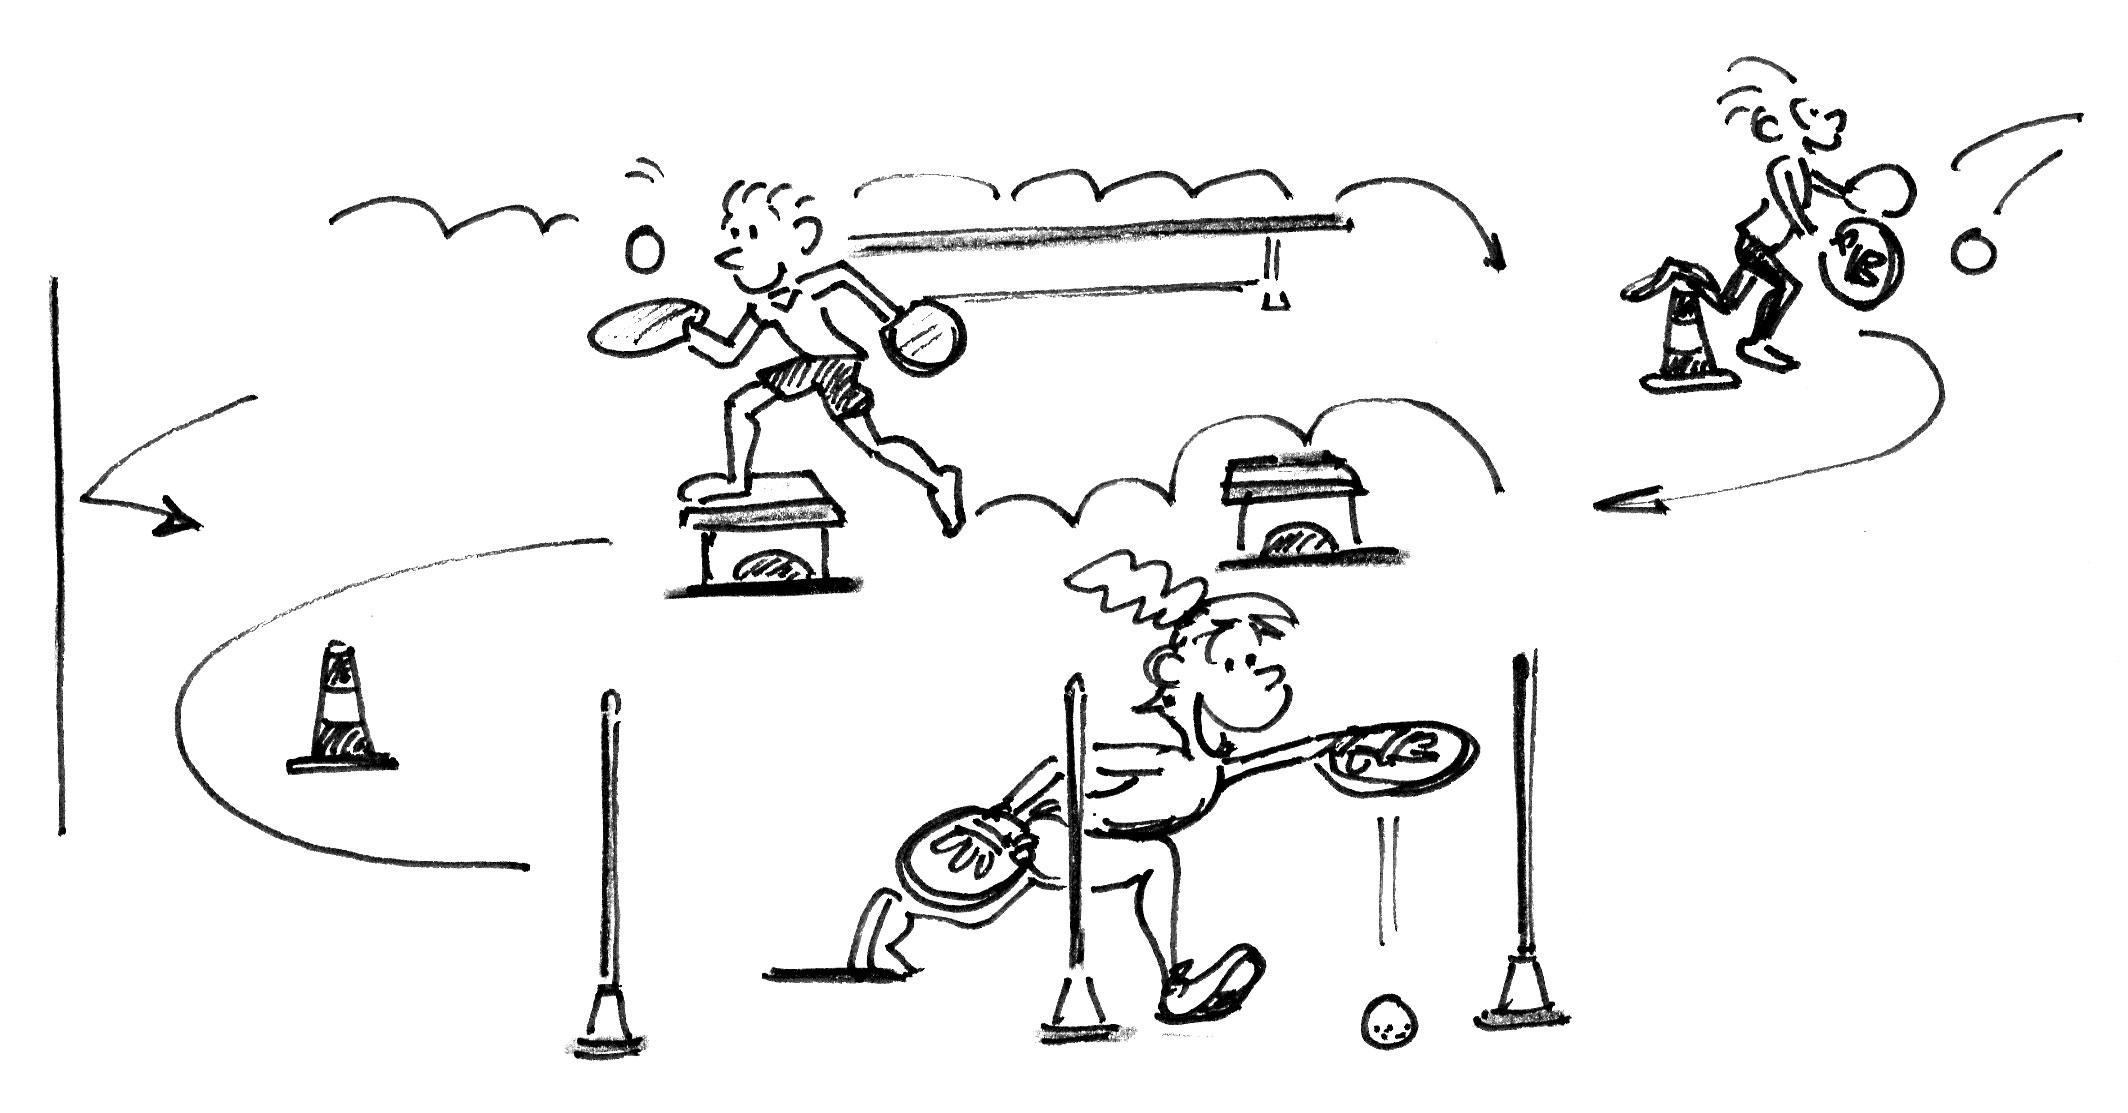 Jeux De Renvoi Avec Enfants – Jeux D'introduction: Parcours encequiconcerne Jeux Ludique Enfant